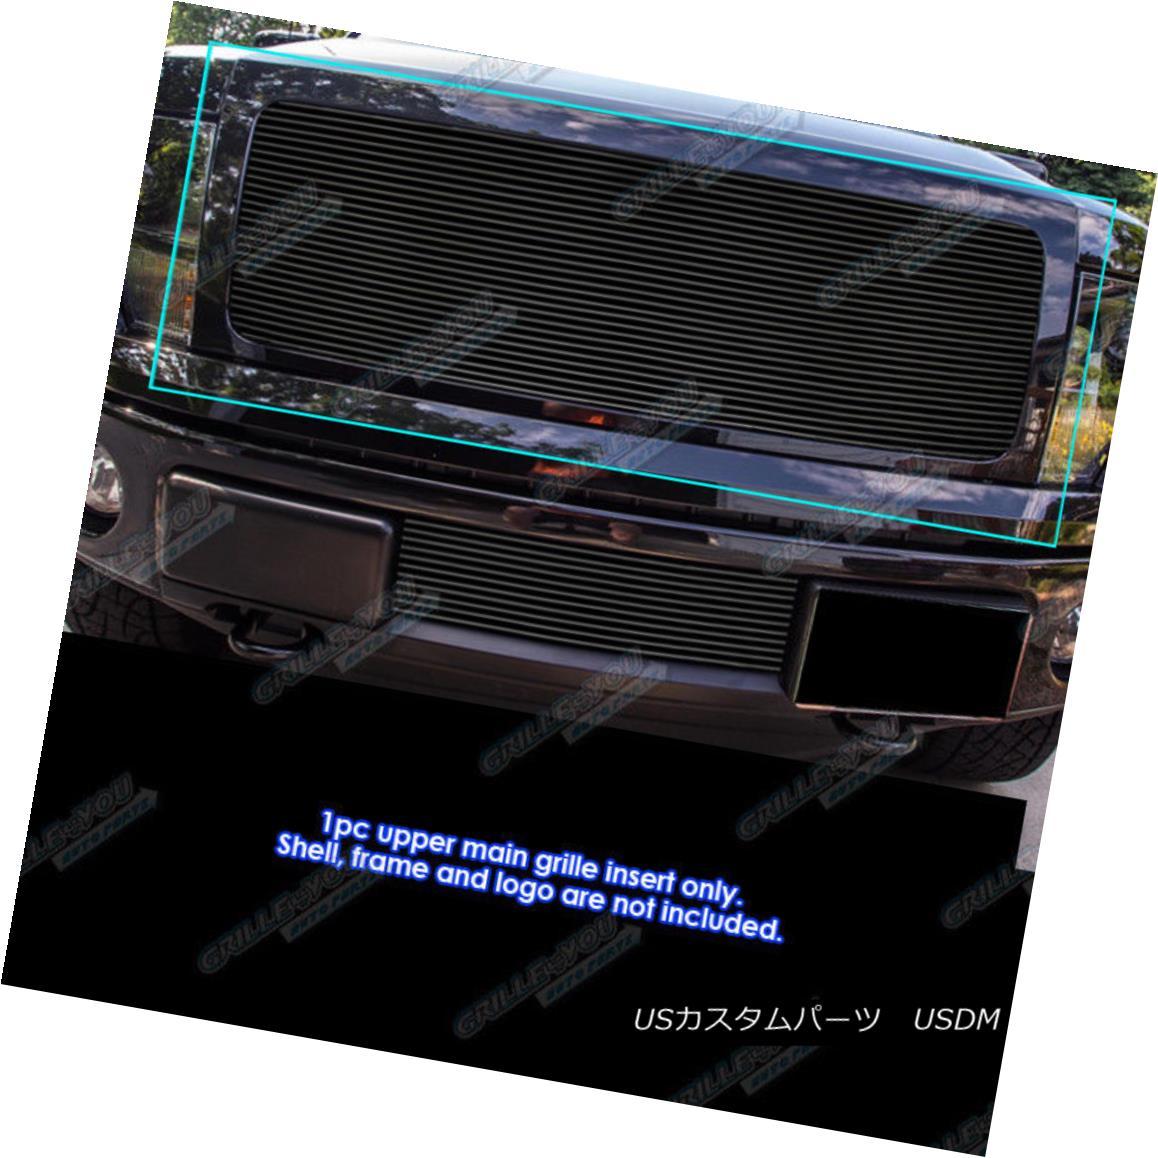 グリル For 2009-2014 Ford F-150 Regular Models Black Billet Grille Grill Insert 2009?2014年のフォードF-150レギュラーモデルブラックビレットグリルグリルインサート